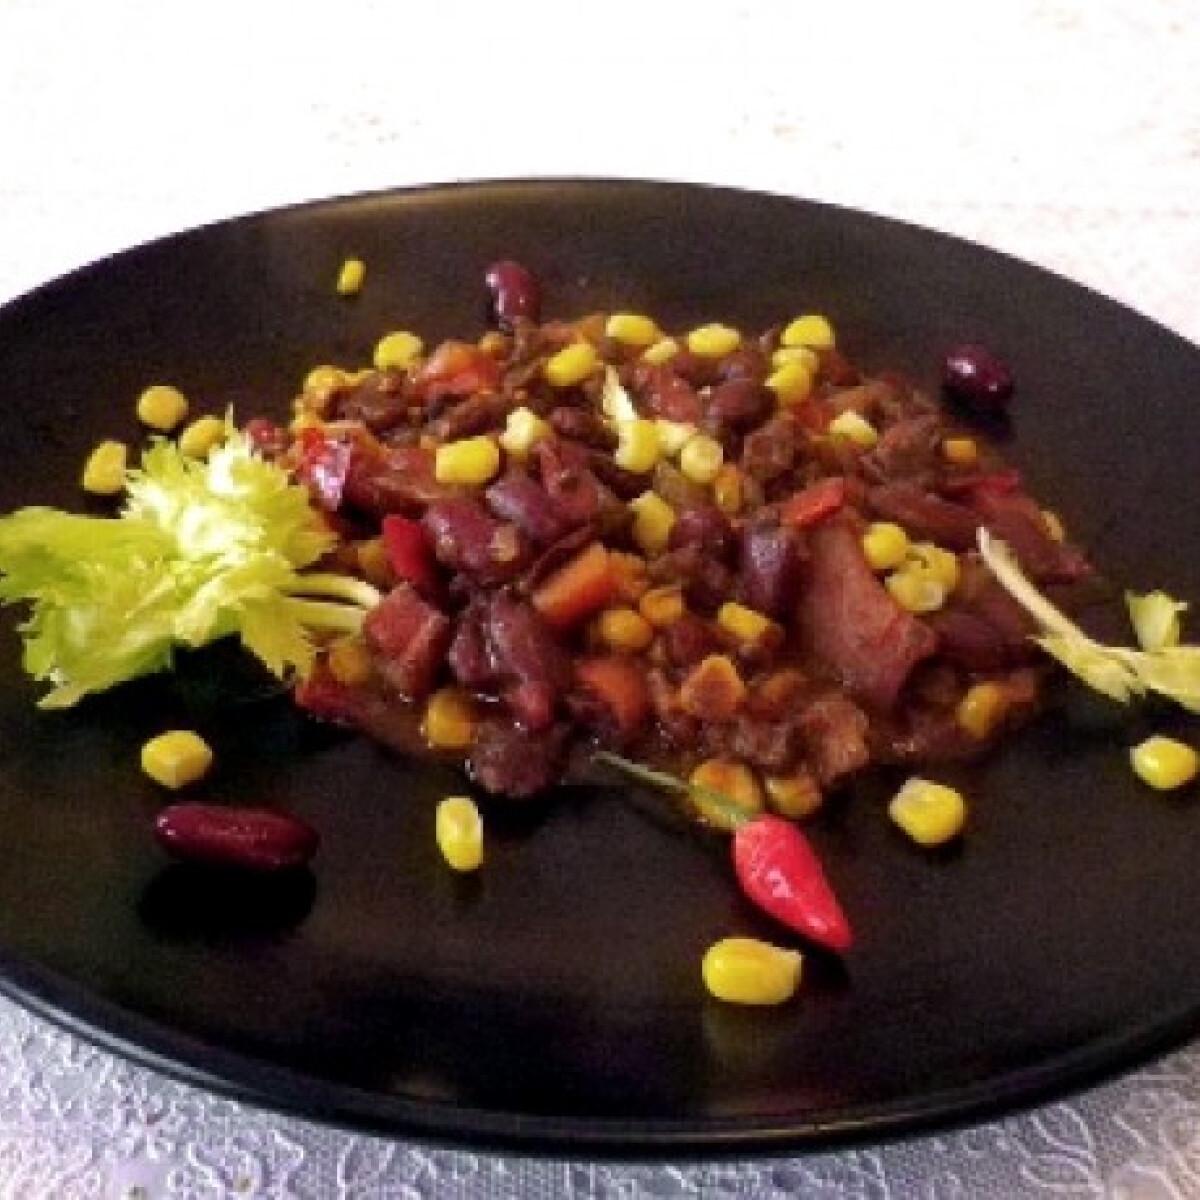 Ezen a képen: Sütőben készült chili con carne